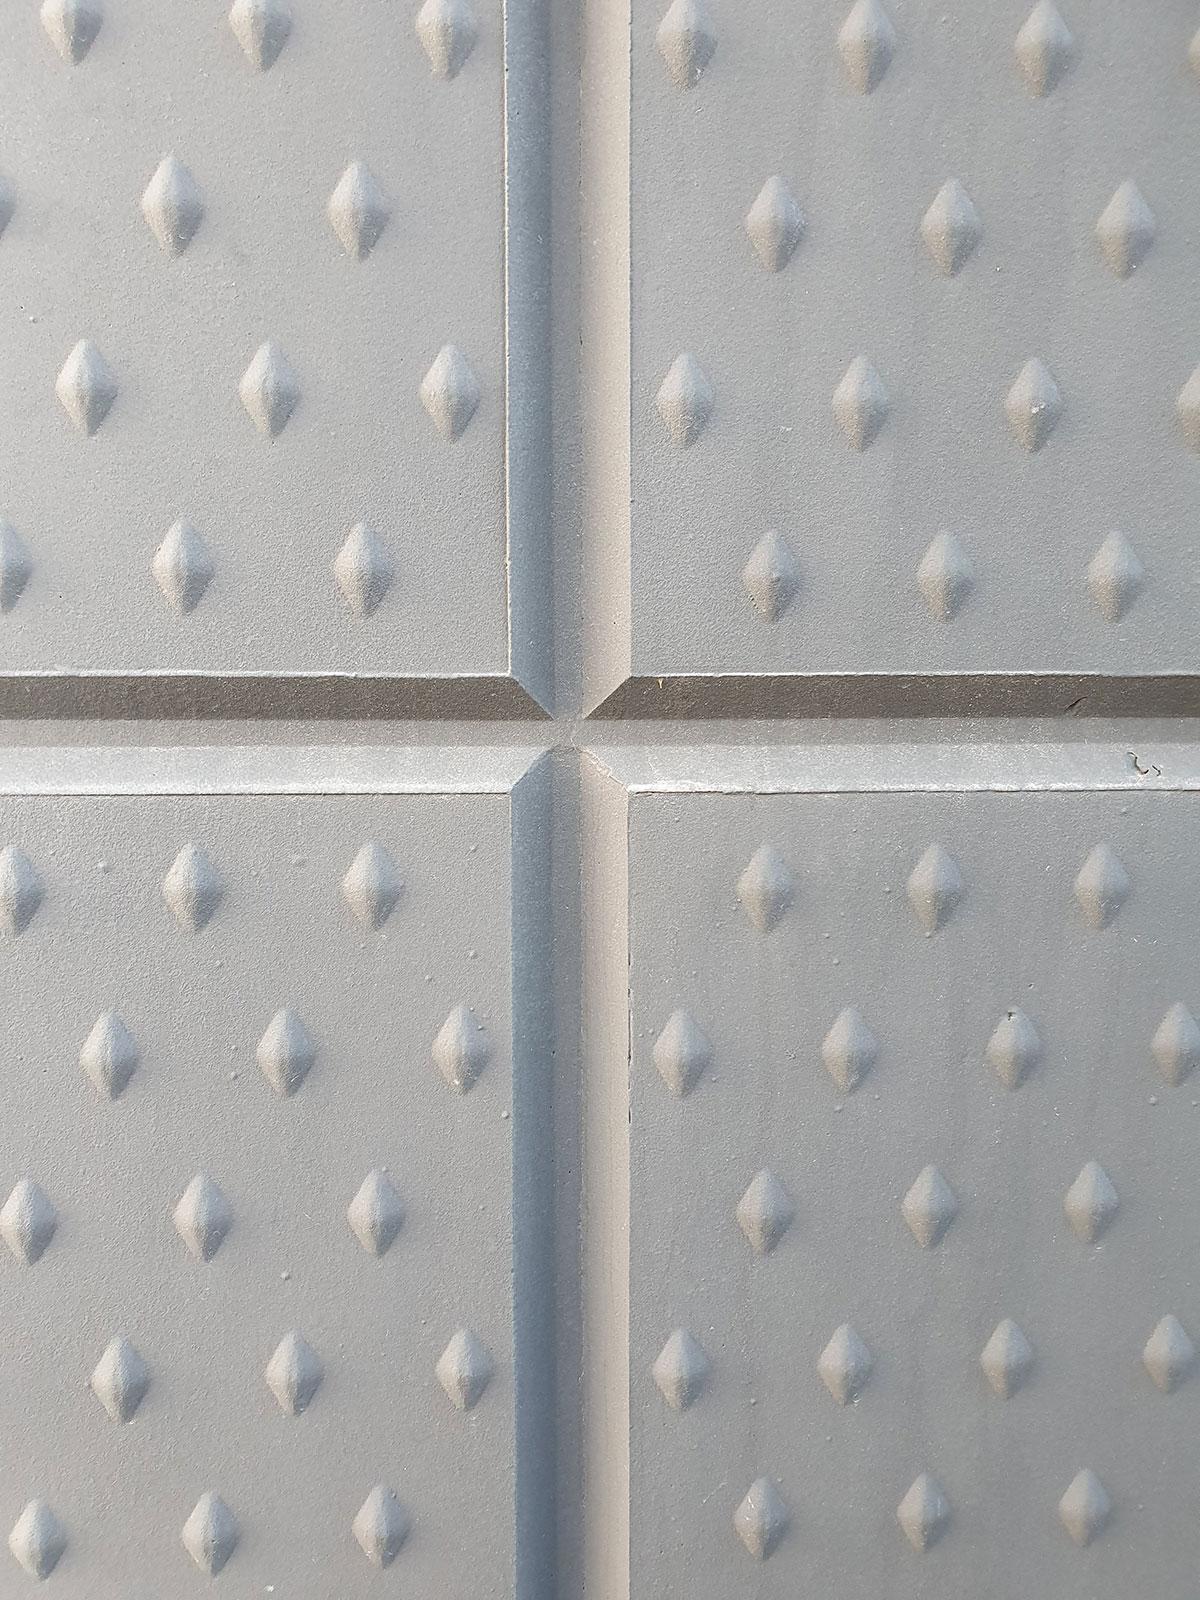 texture calcestruzzo